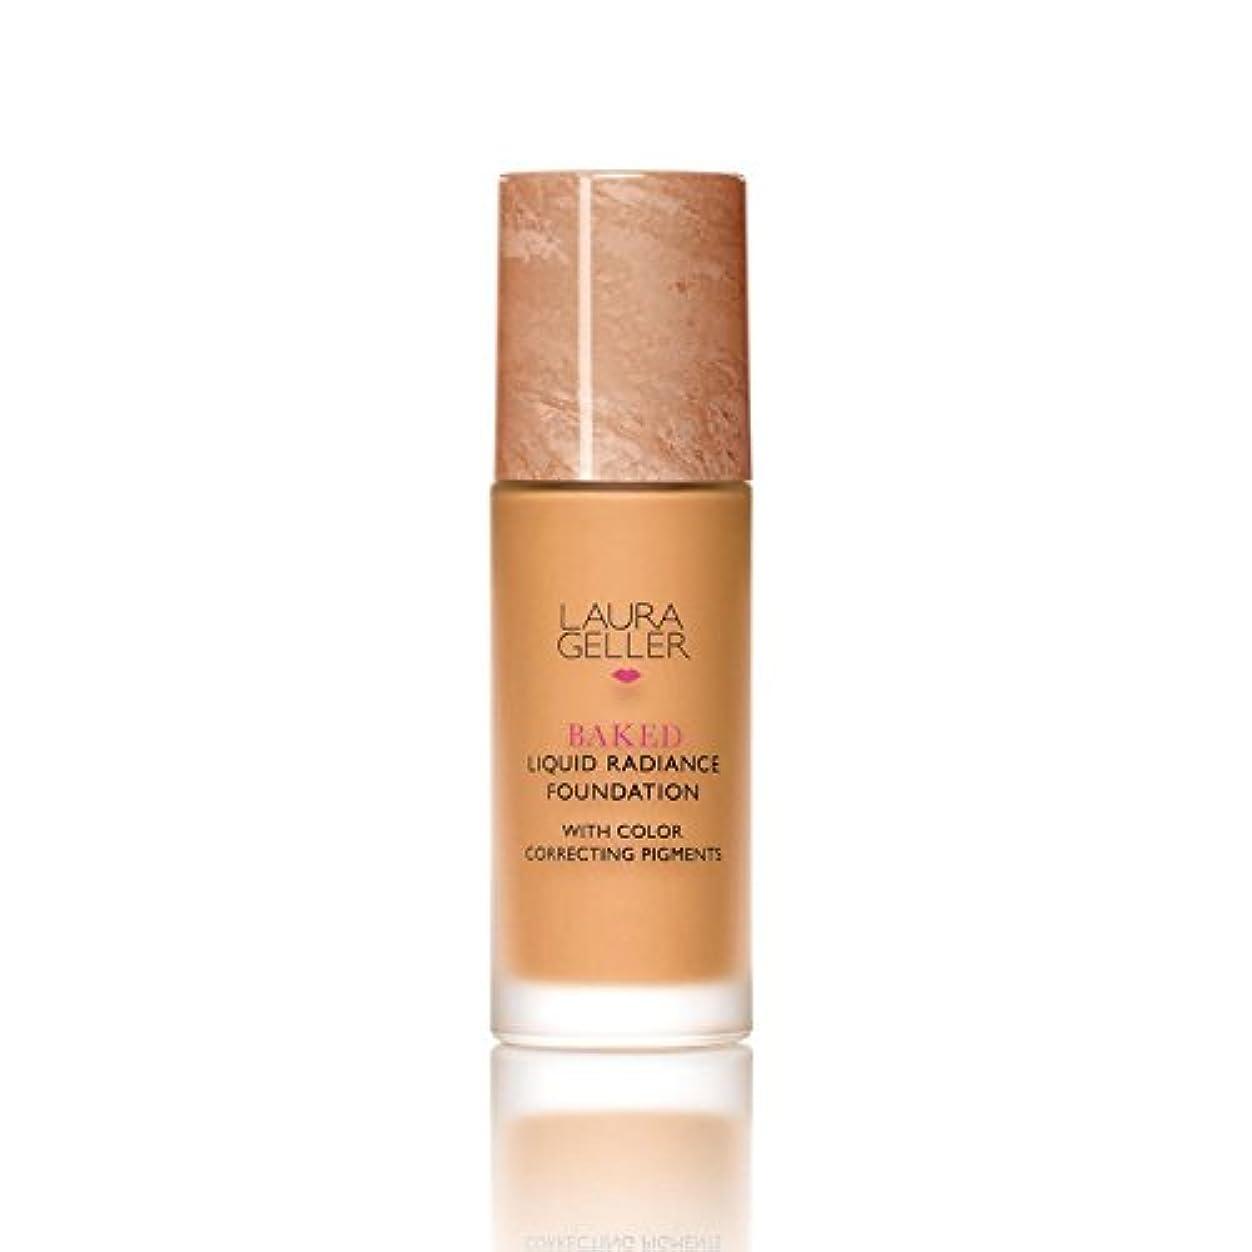 発疹参照取り付けLaura Geller New York Baked Liquid Radiance Foundation Tan (Pack of 6) - ローラ?ゲラーニューヨーク焼いた液体放射輝度基盤日焼け x6 [並行輸入品]